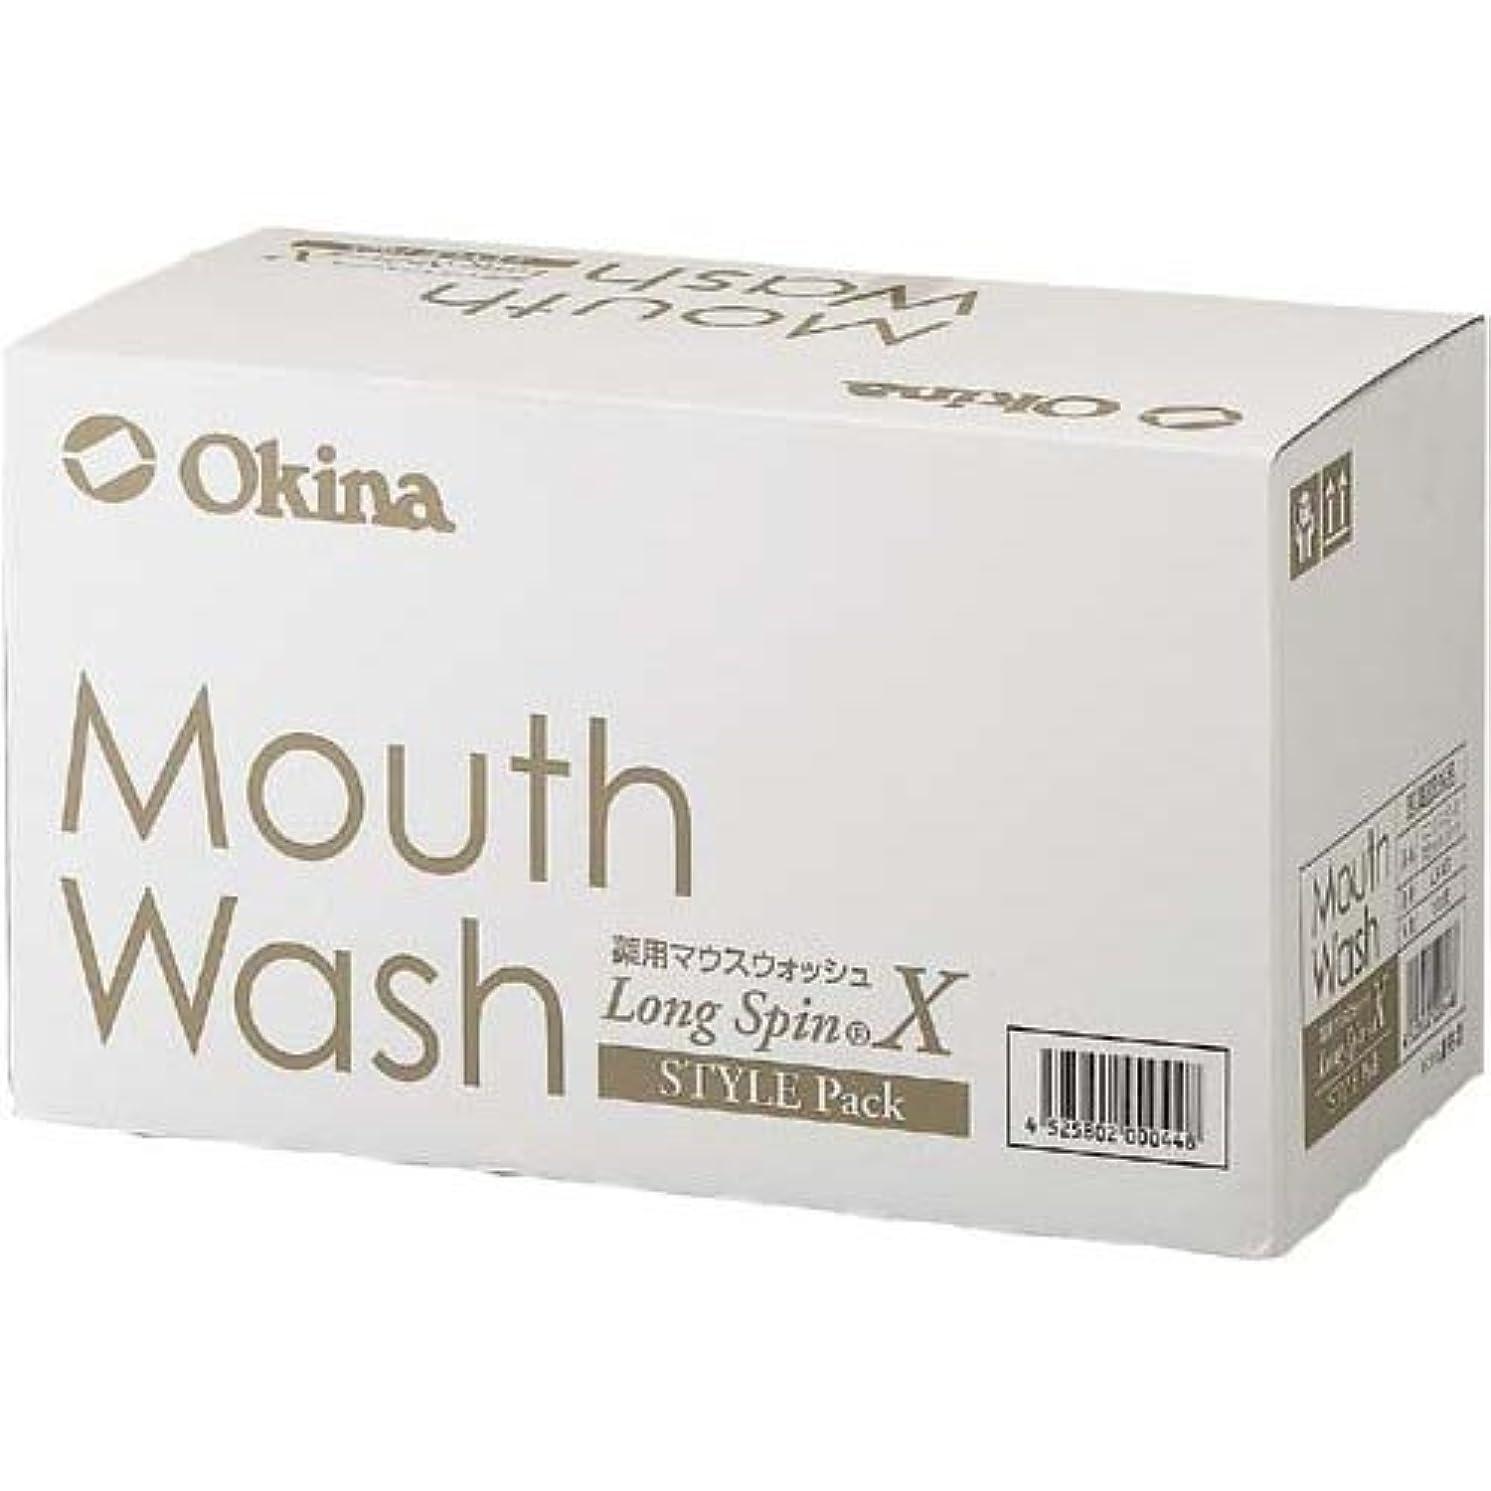 リファイン服を洗うデッキオキナ 薬用 マウスウォッシュ ロングスピン スタイルパック ミント 100個入